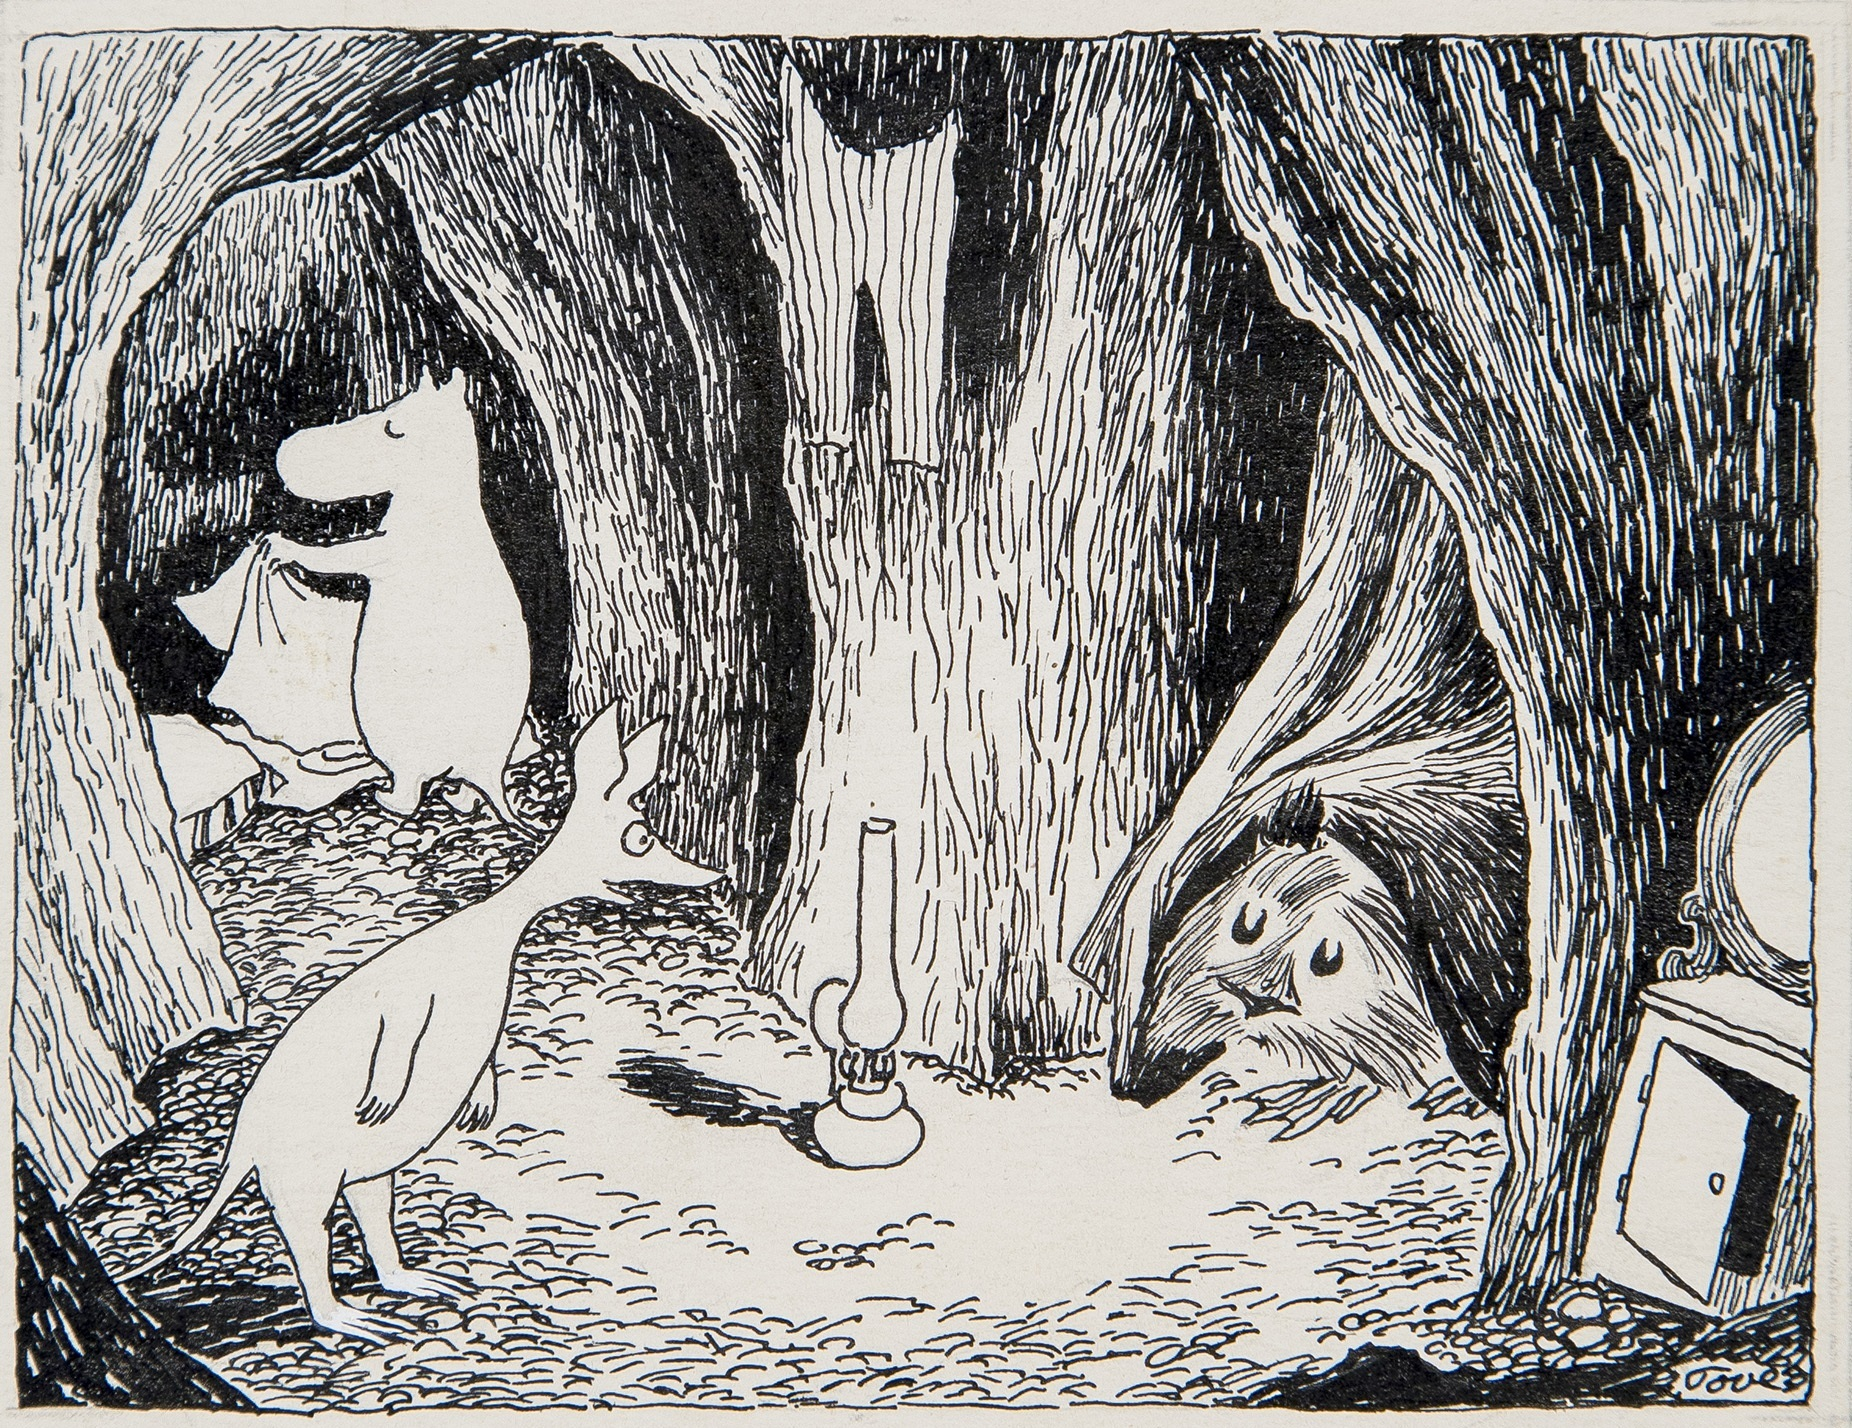 トーベ・ヤンソン≪「ムーミン谷の彗星」挿絵≫1946年 インク・紙 ムーミン美術館 (C)Moomin Characters TM